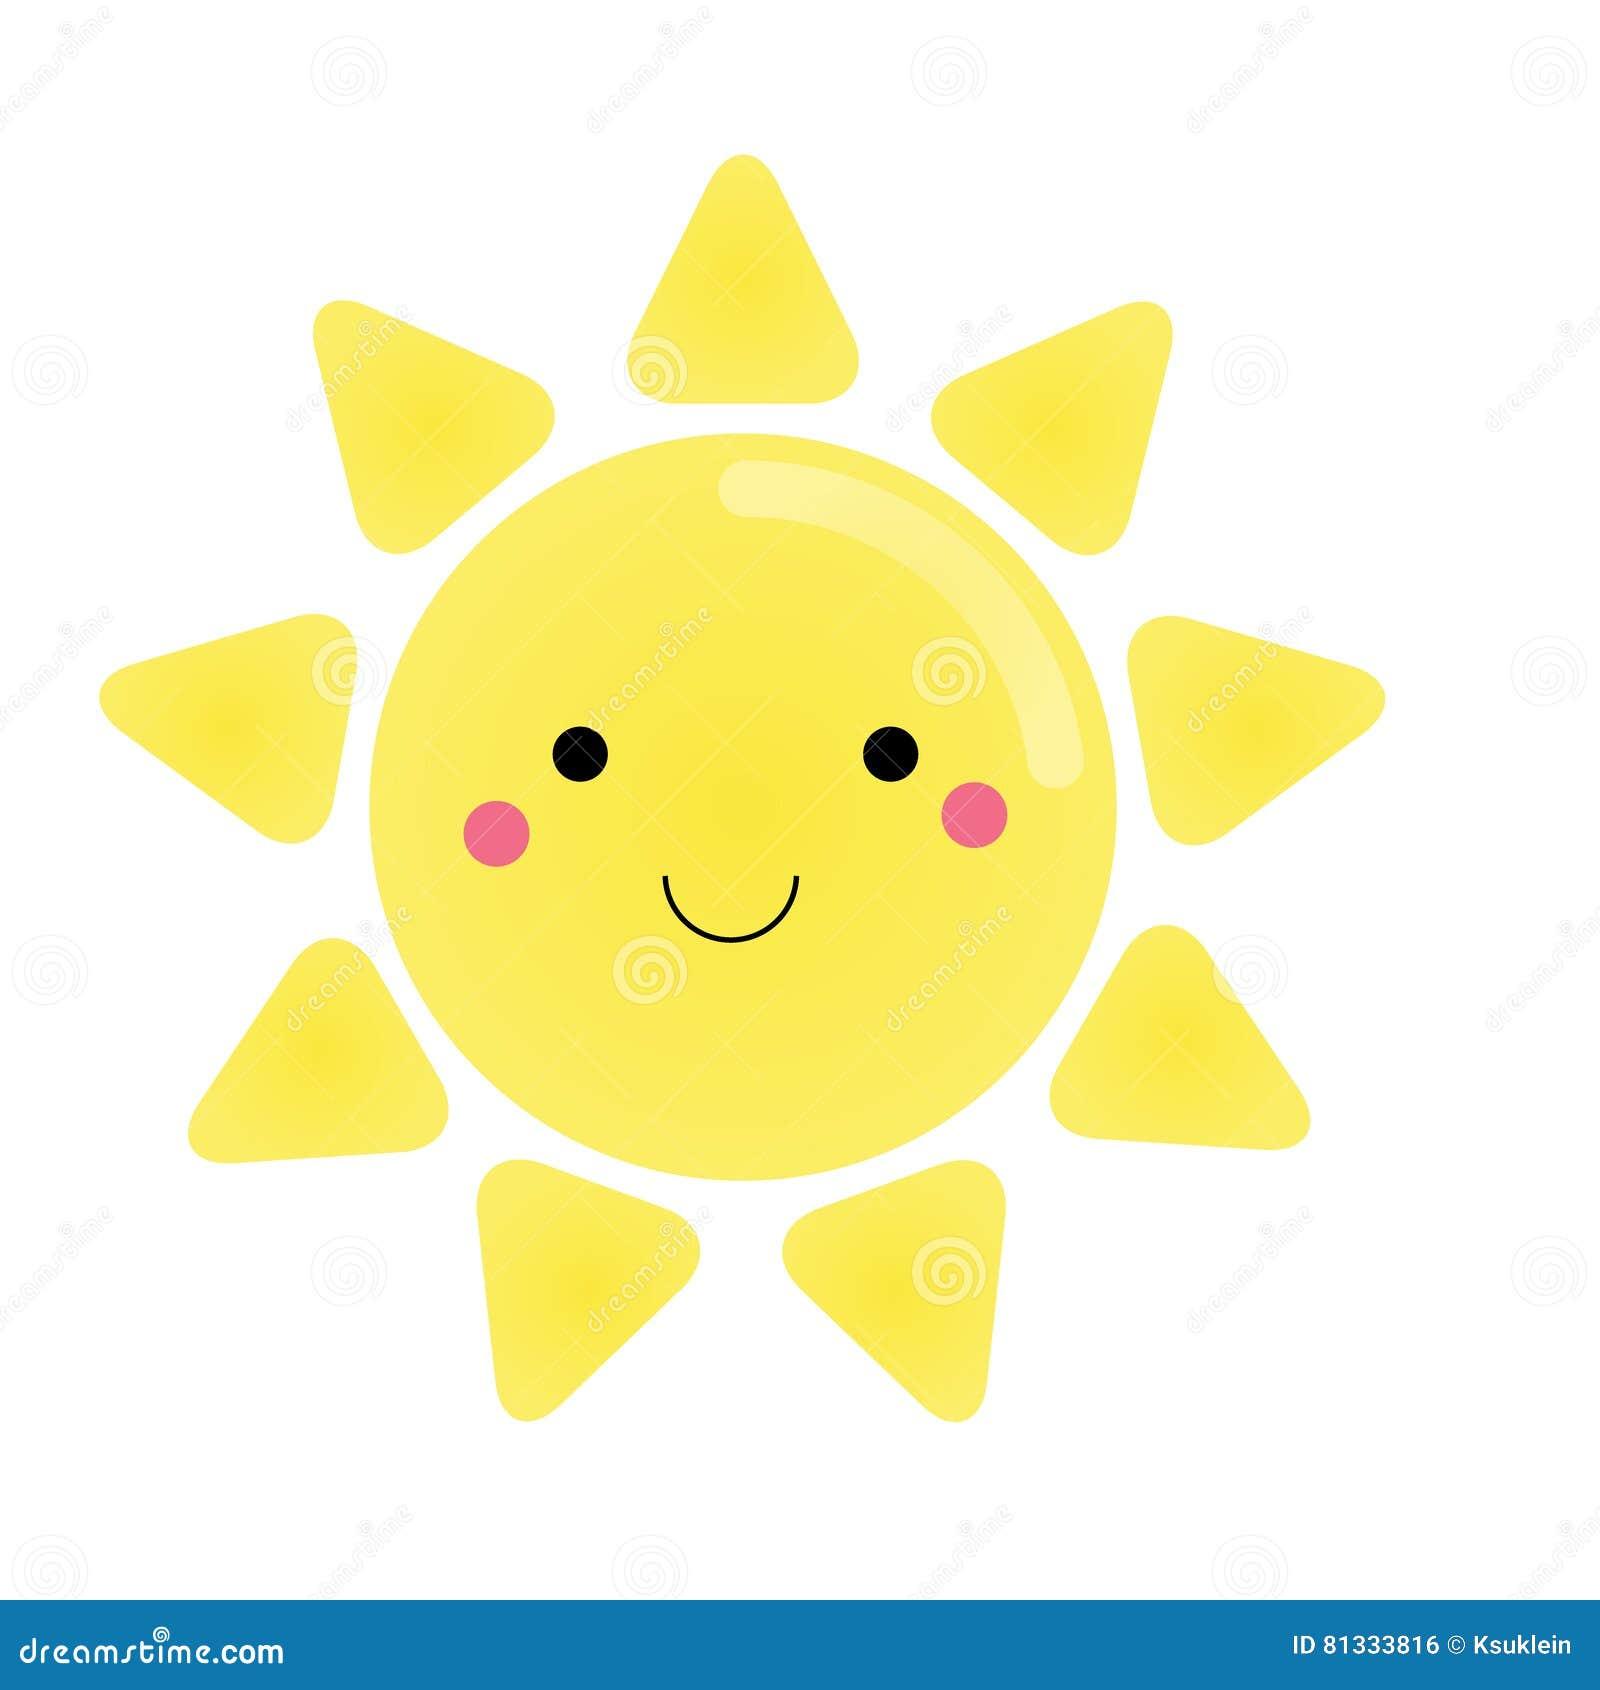 Carattere Sveglio Del Sole Di Kawaii Illustrazione Per I Bambini